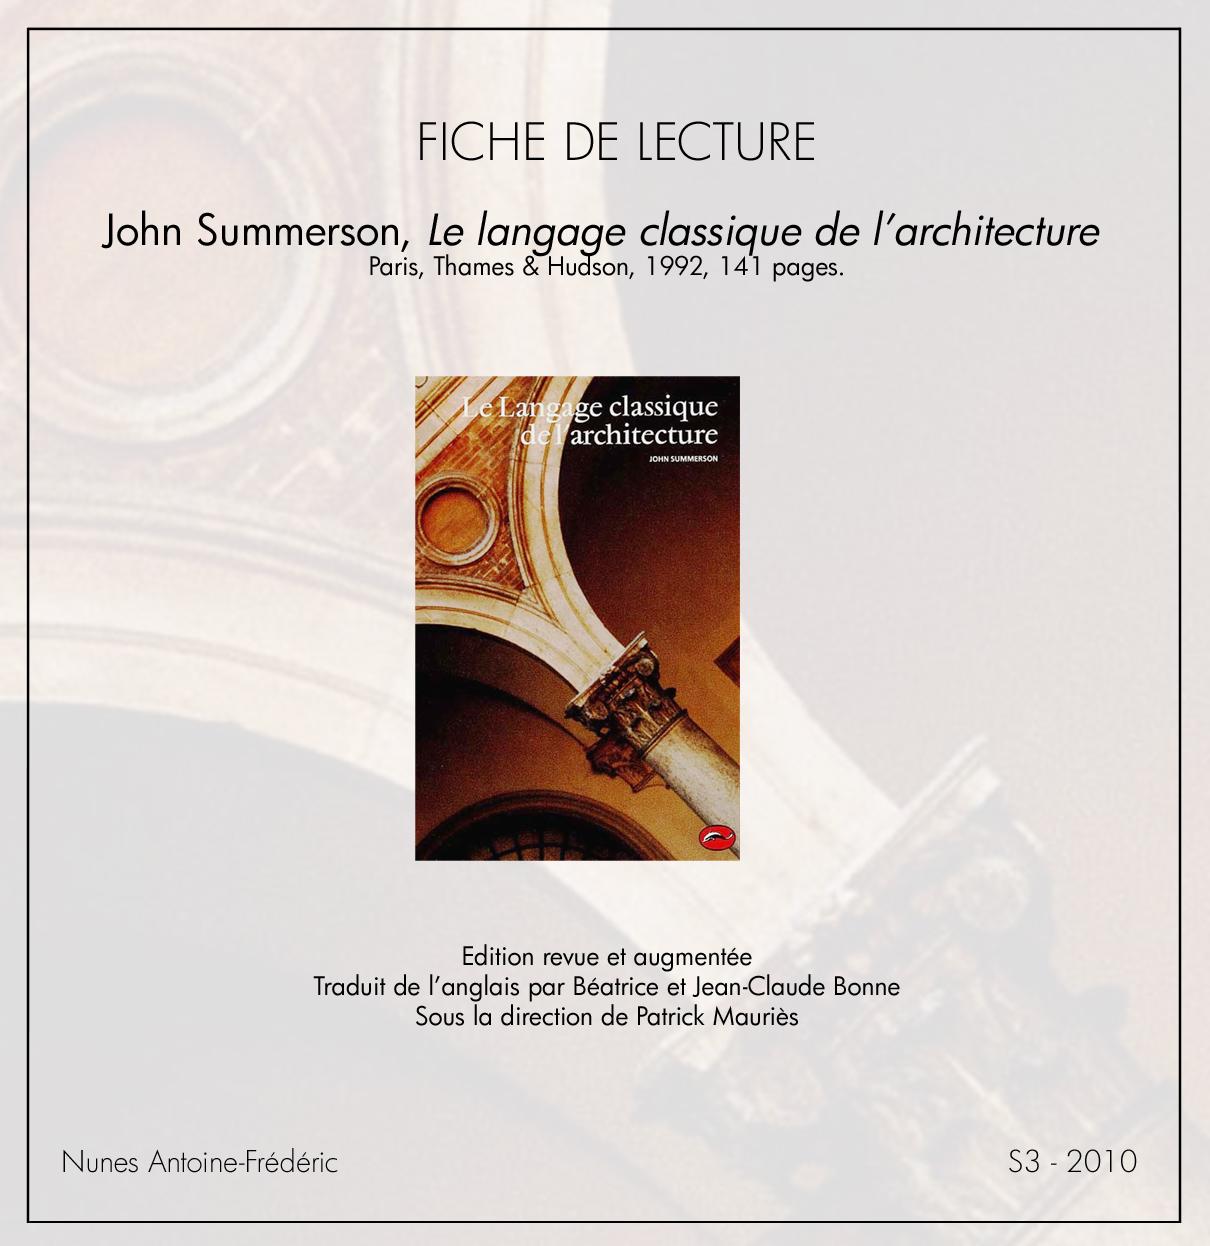 Le langage classique de l architecture / Fiche de lecture